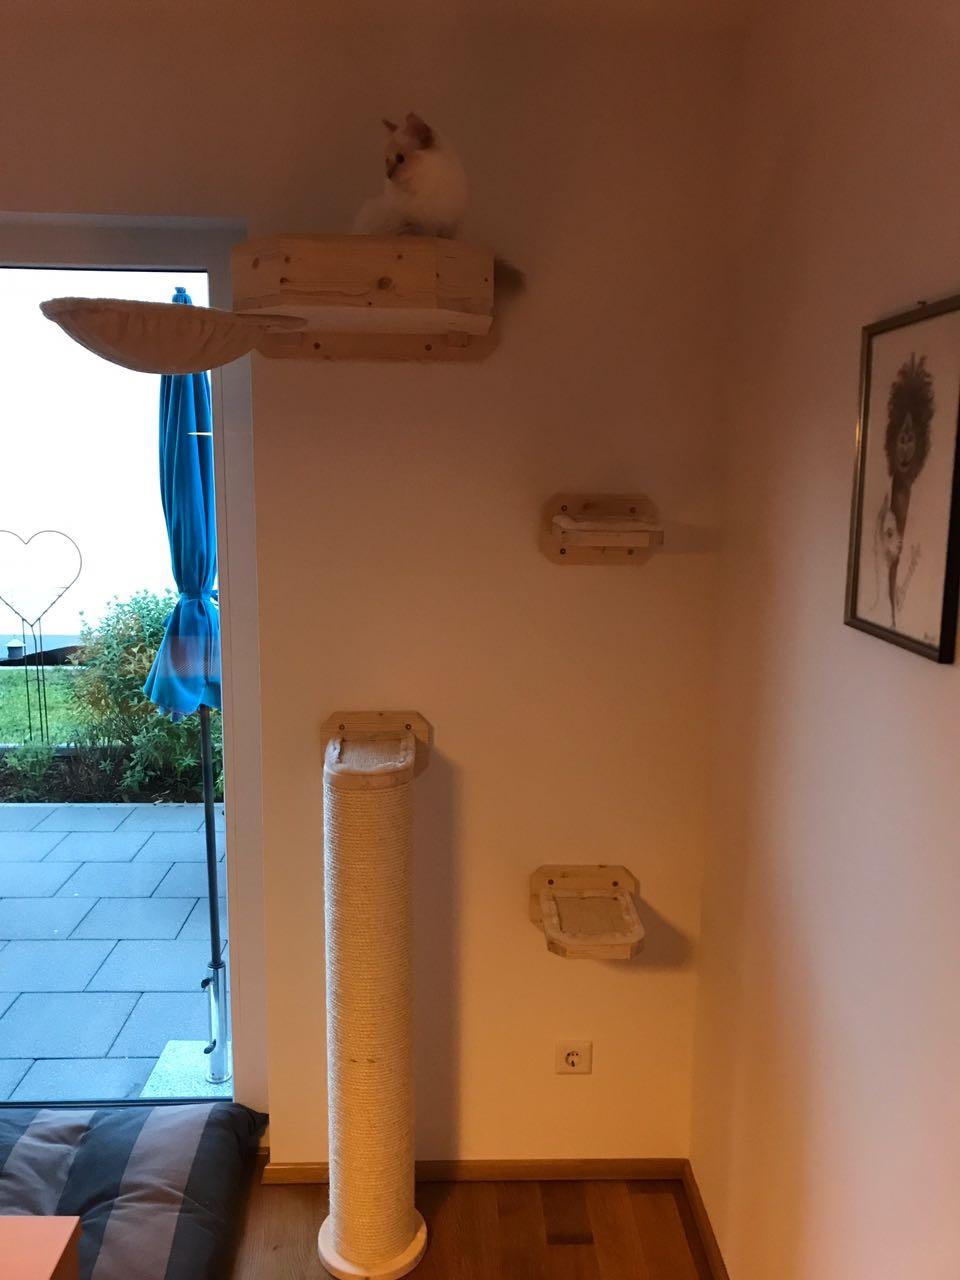 wandkratzbaum f r katzen bettchen dicker stamm f r katzen. Black Bedroom Furniture Sets. Home Design Ideas